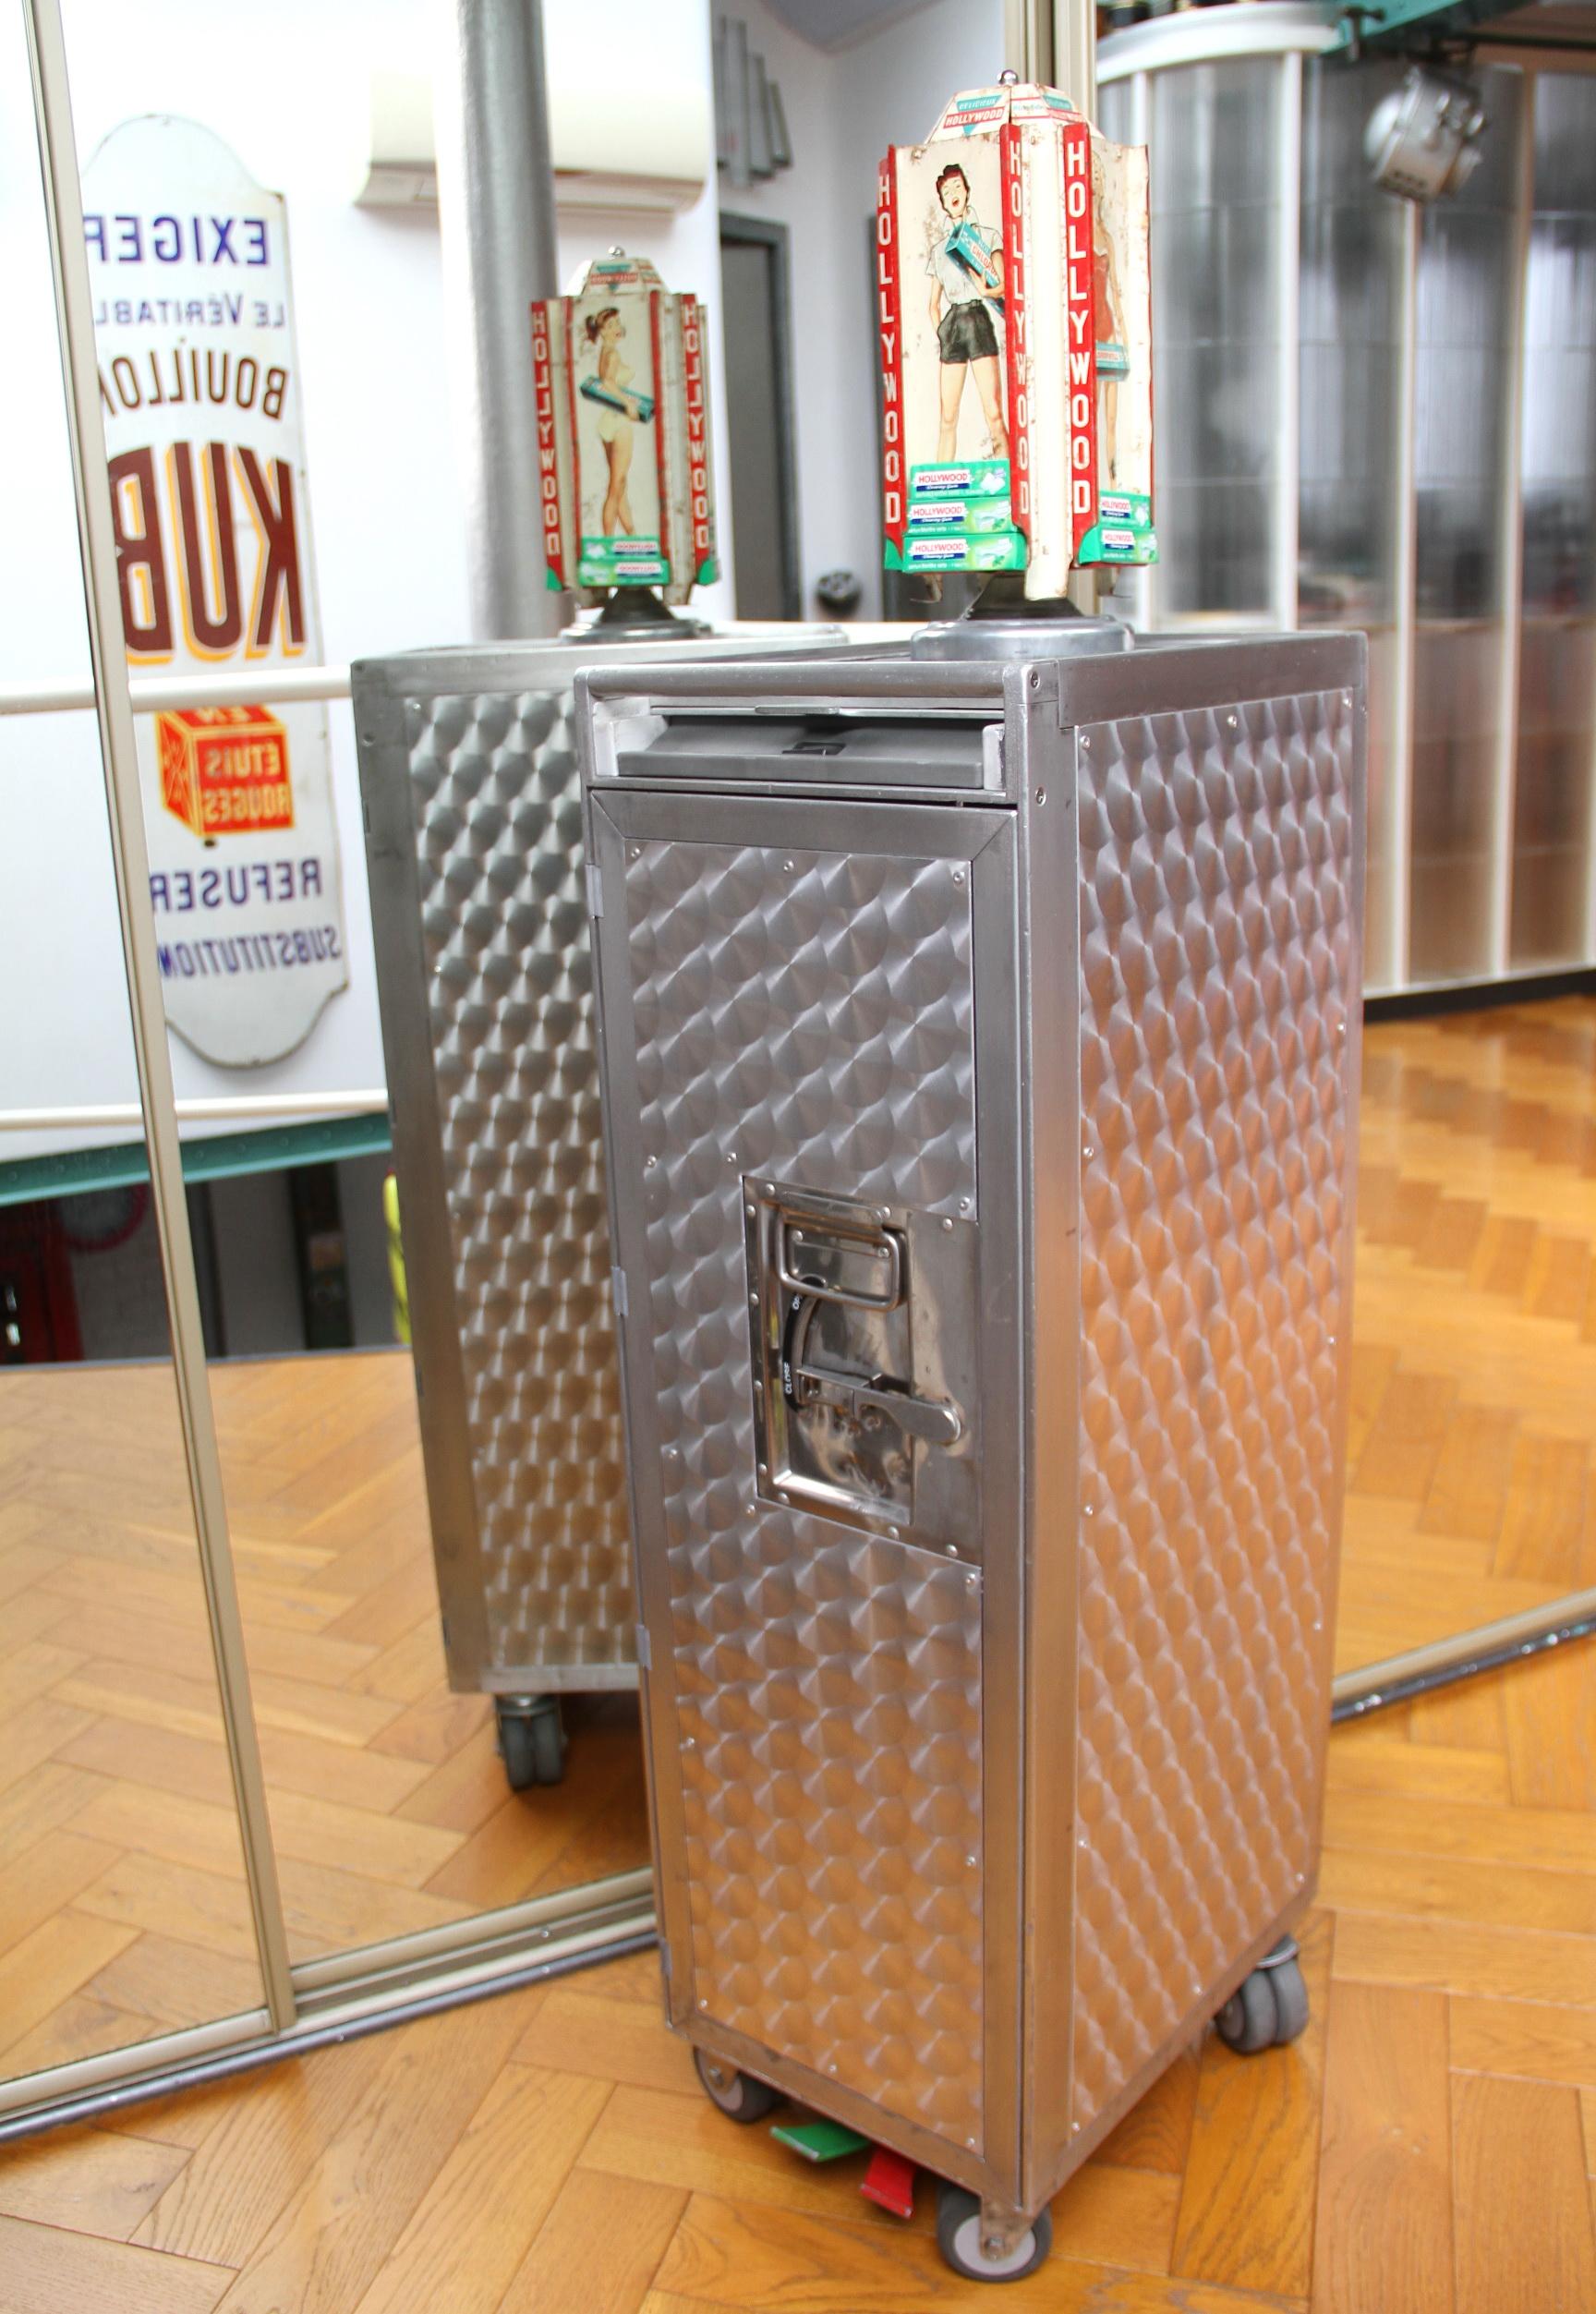 Les 6 pièces qui suivent, ainsi que ce trolley, ont été acquises par un couple de clients passionné par des objets US rares et vintages